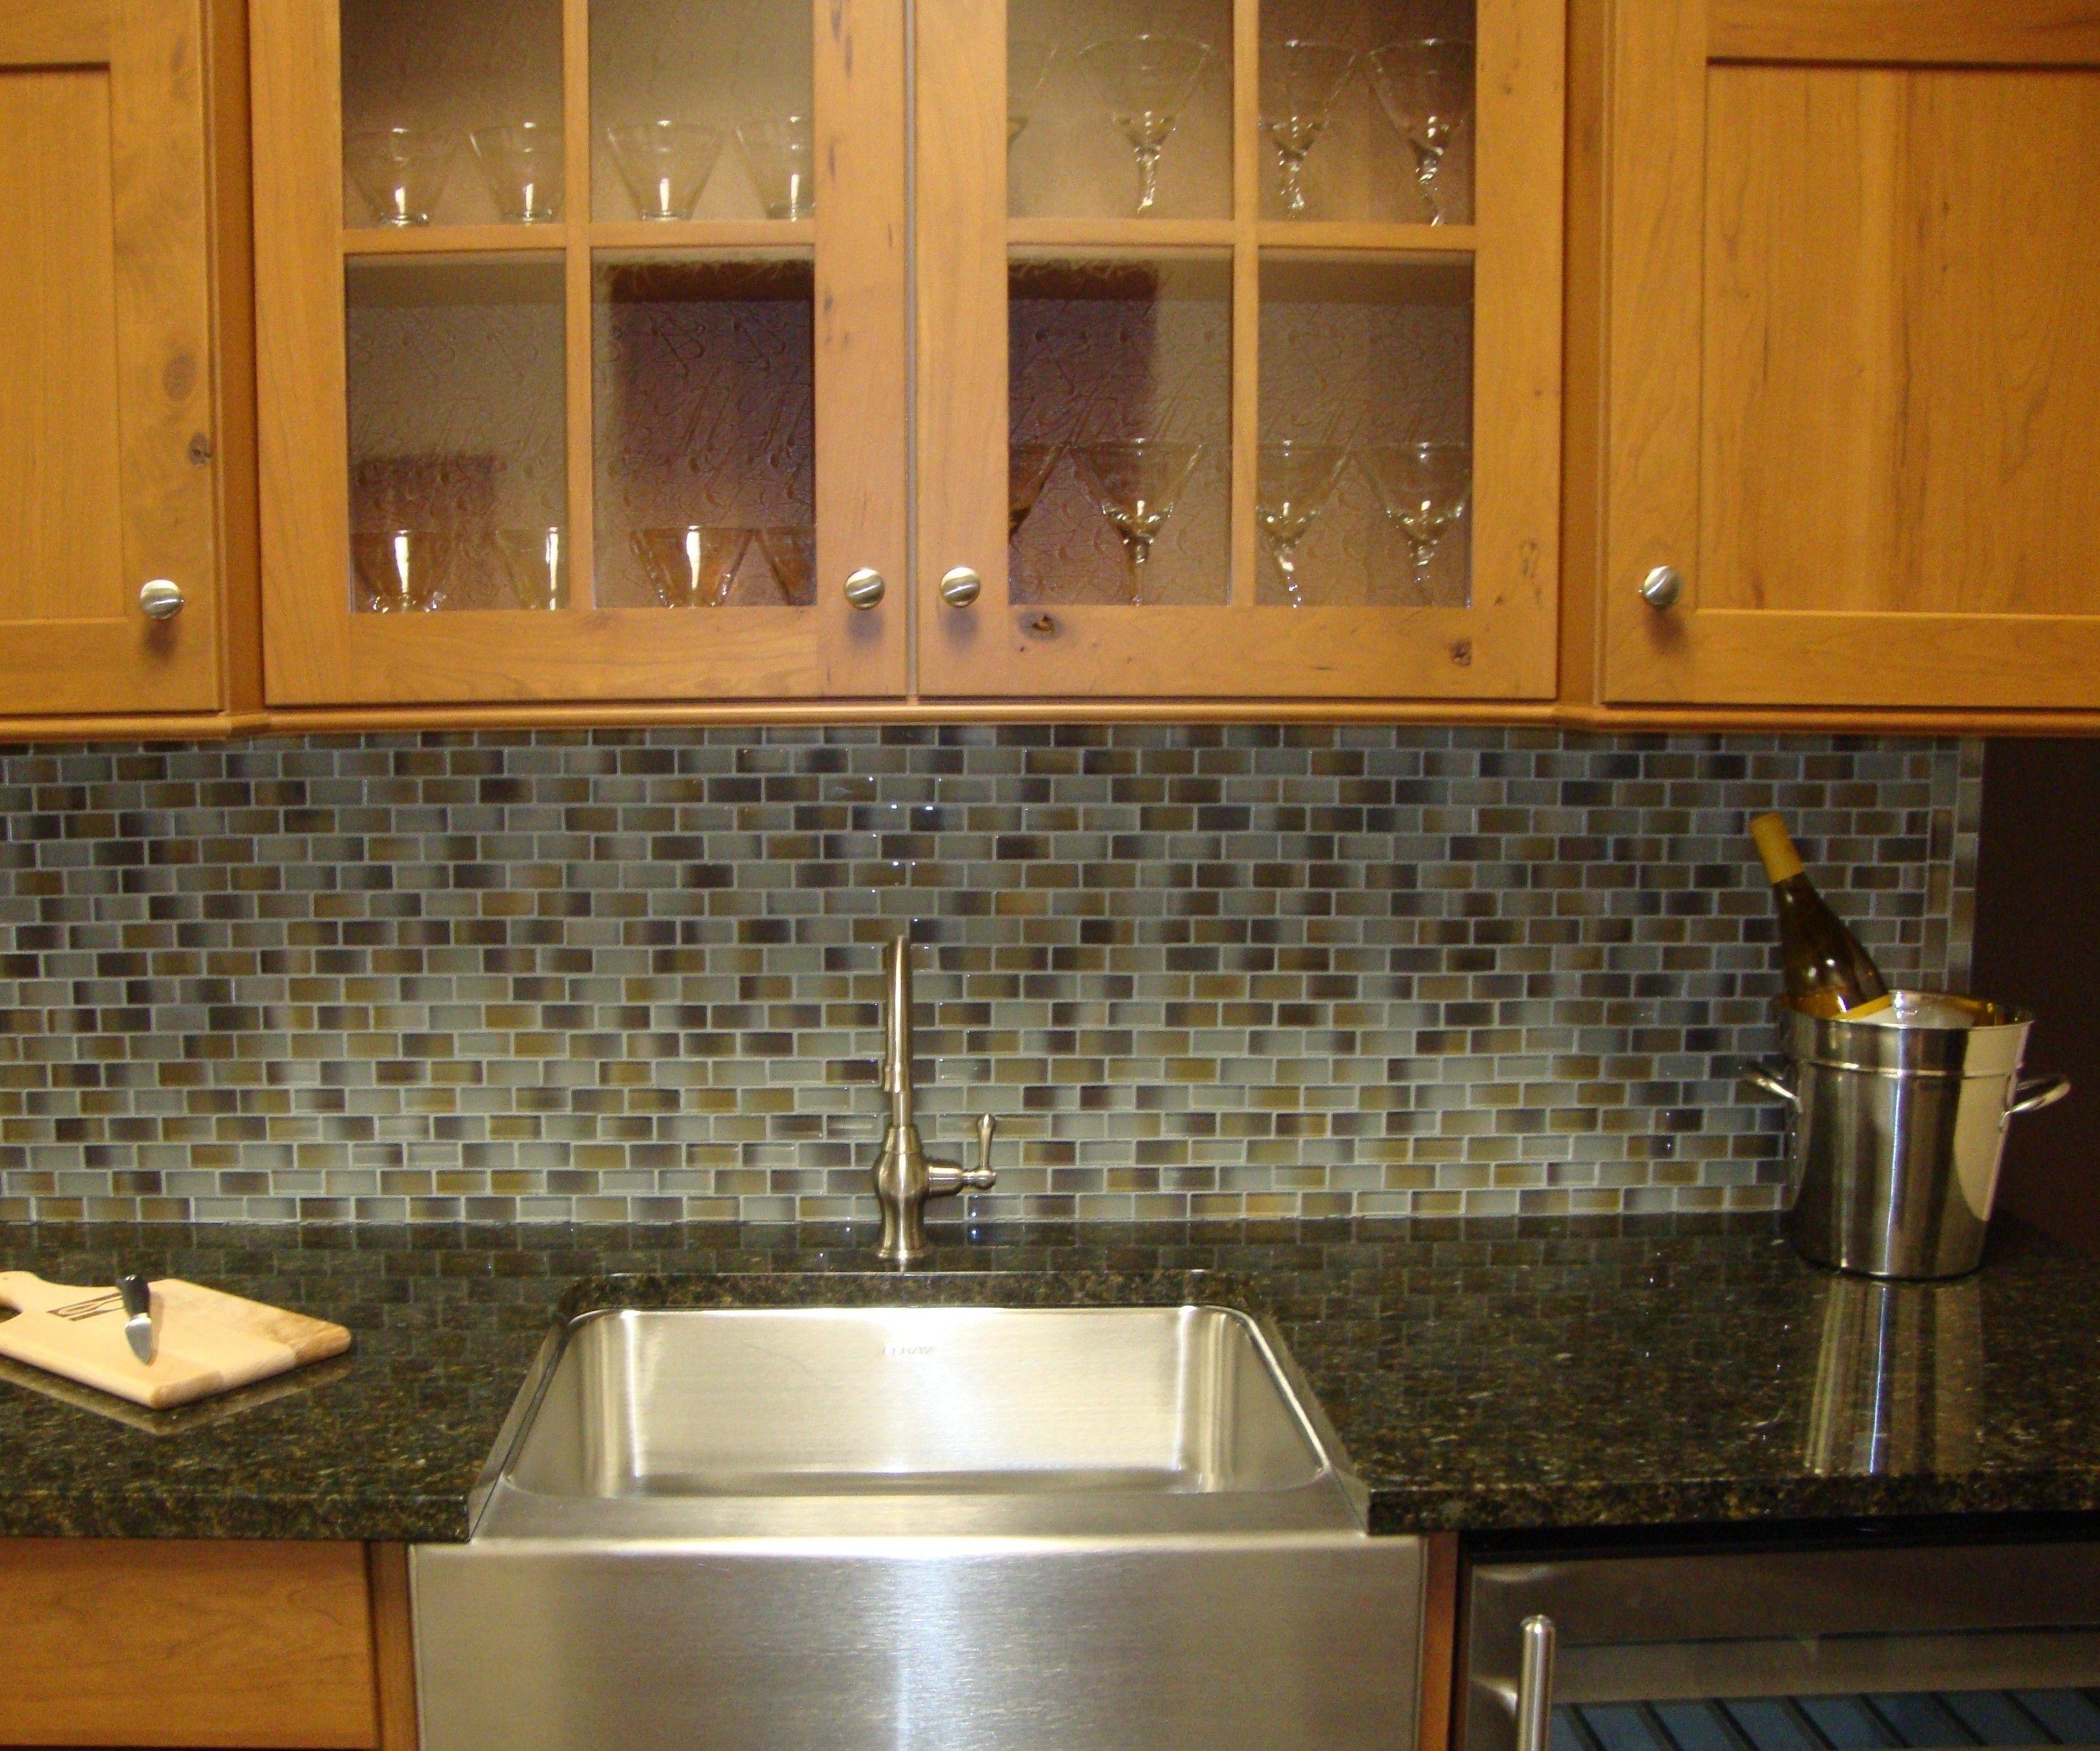 Kuche Mit Granit Arbeitsplatten Kleine Kuchenfliesen Fliesen Design Mosaik Fliesen Kuche